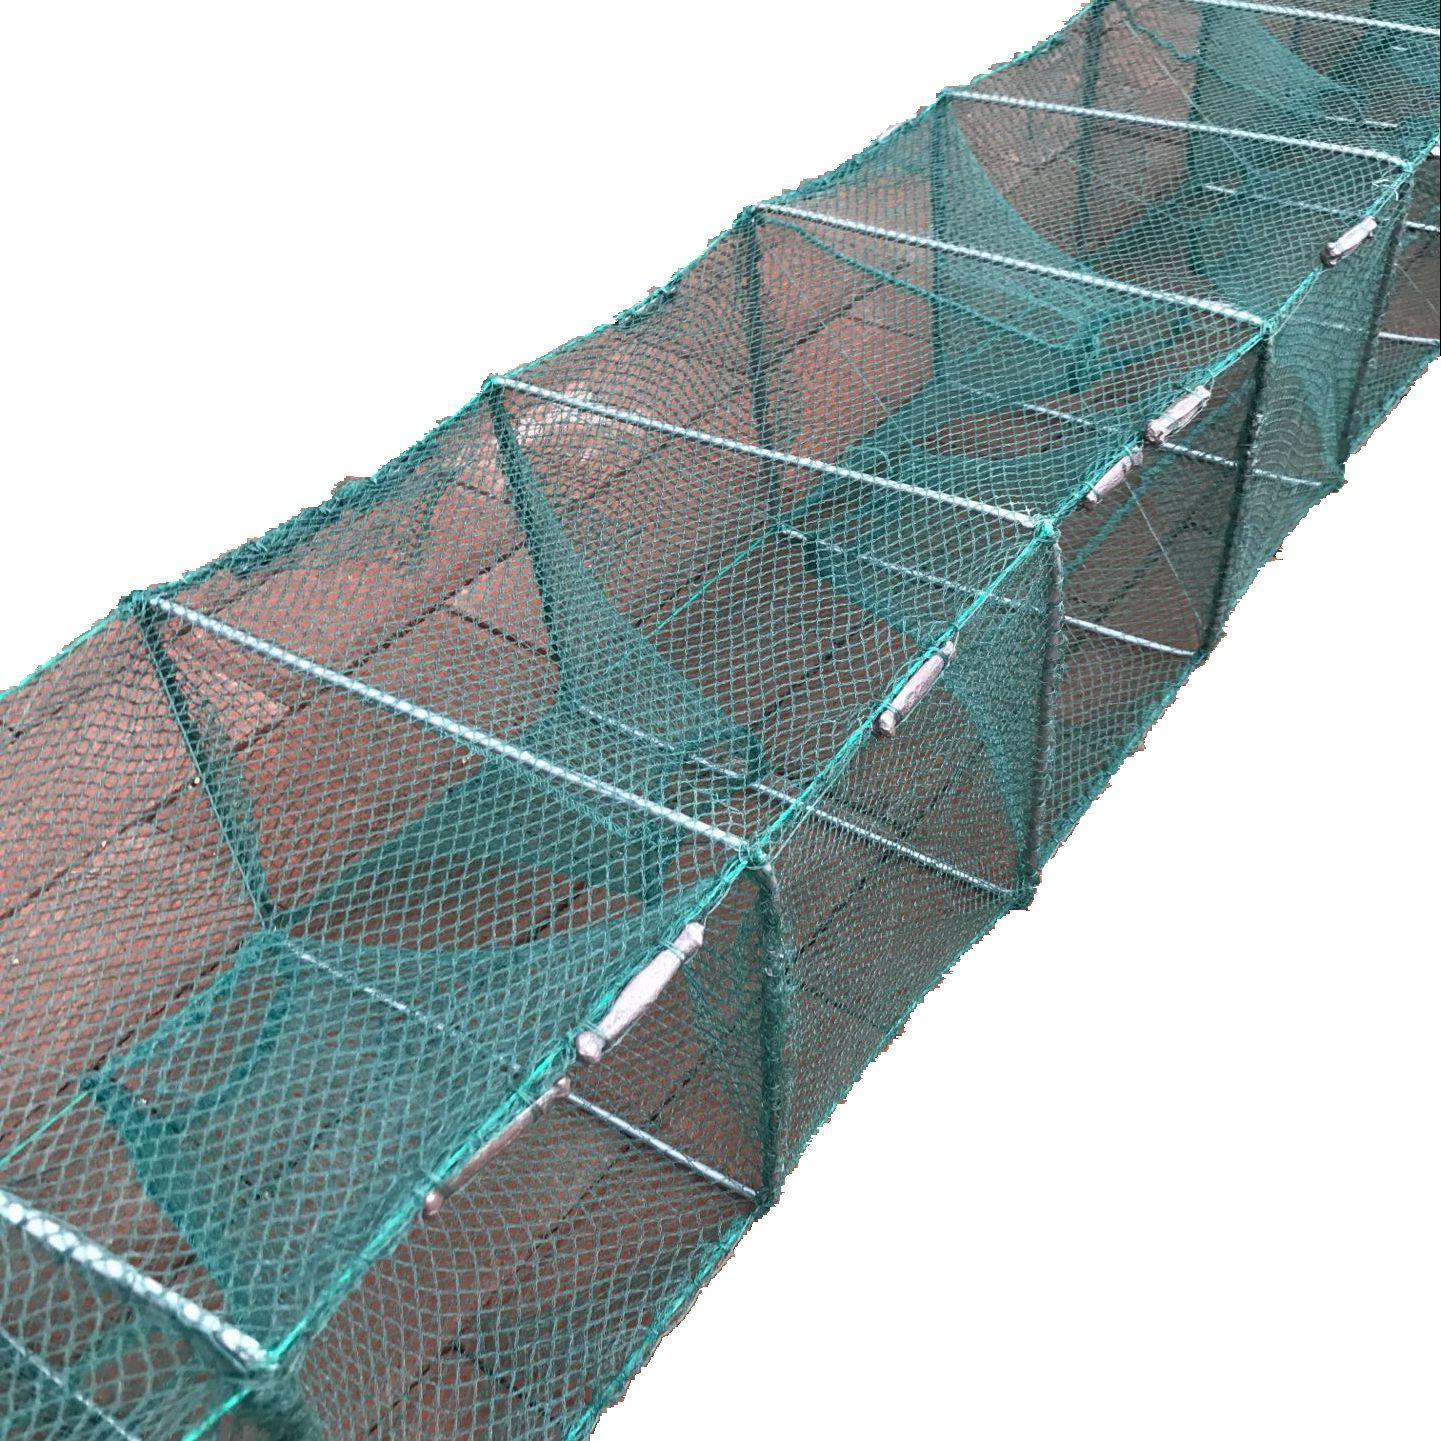 Gabbia di PESCA di gamberi di gamberetti aragosta Rete Rete gabbia Loach gabbia gamberi di Fiume Anguilla gabbia granchio gabbia completamente Automatico flessibile della gabbia